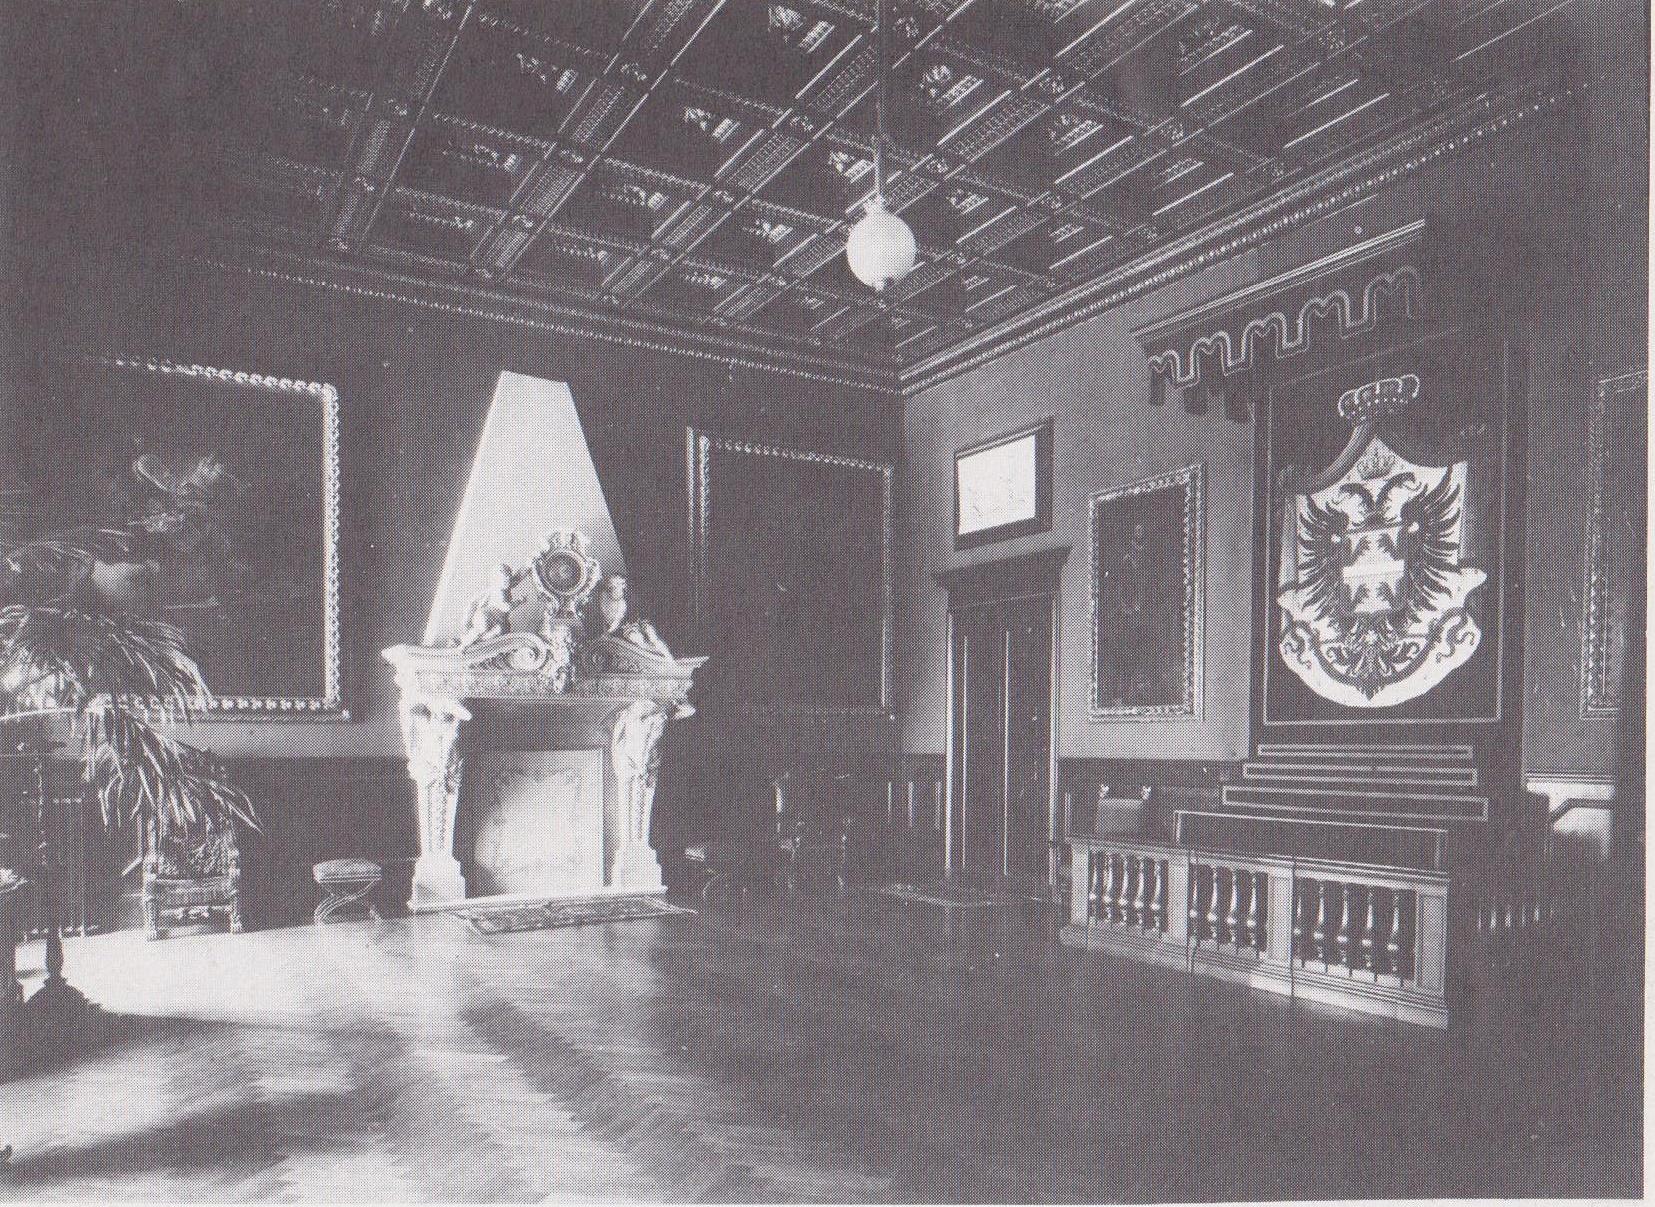 rocaille-blog-palazzo-brancaccio-museo-arte-orientale-3